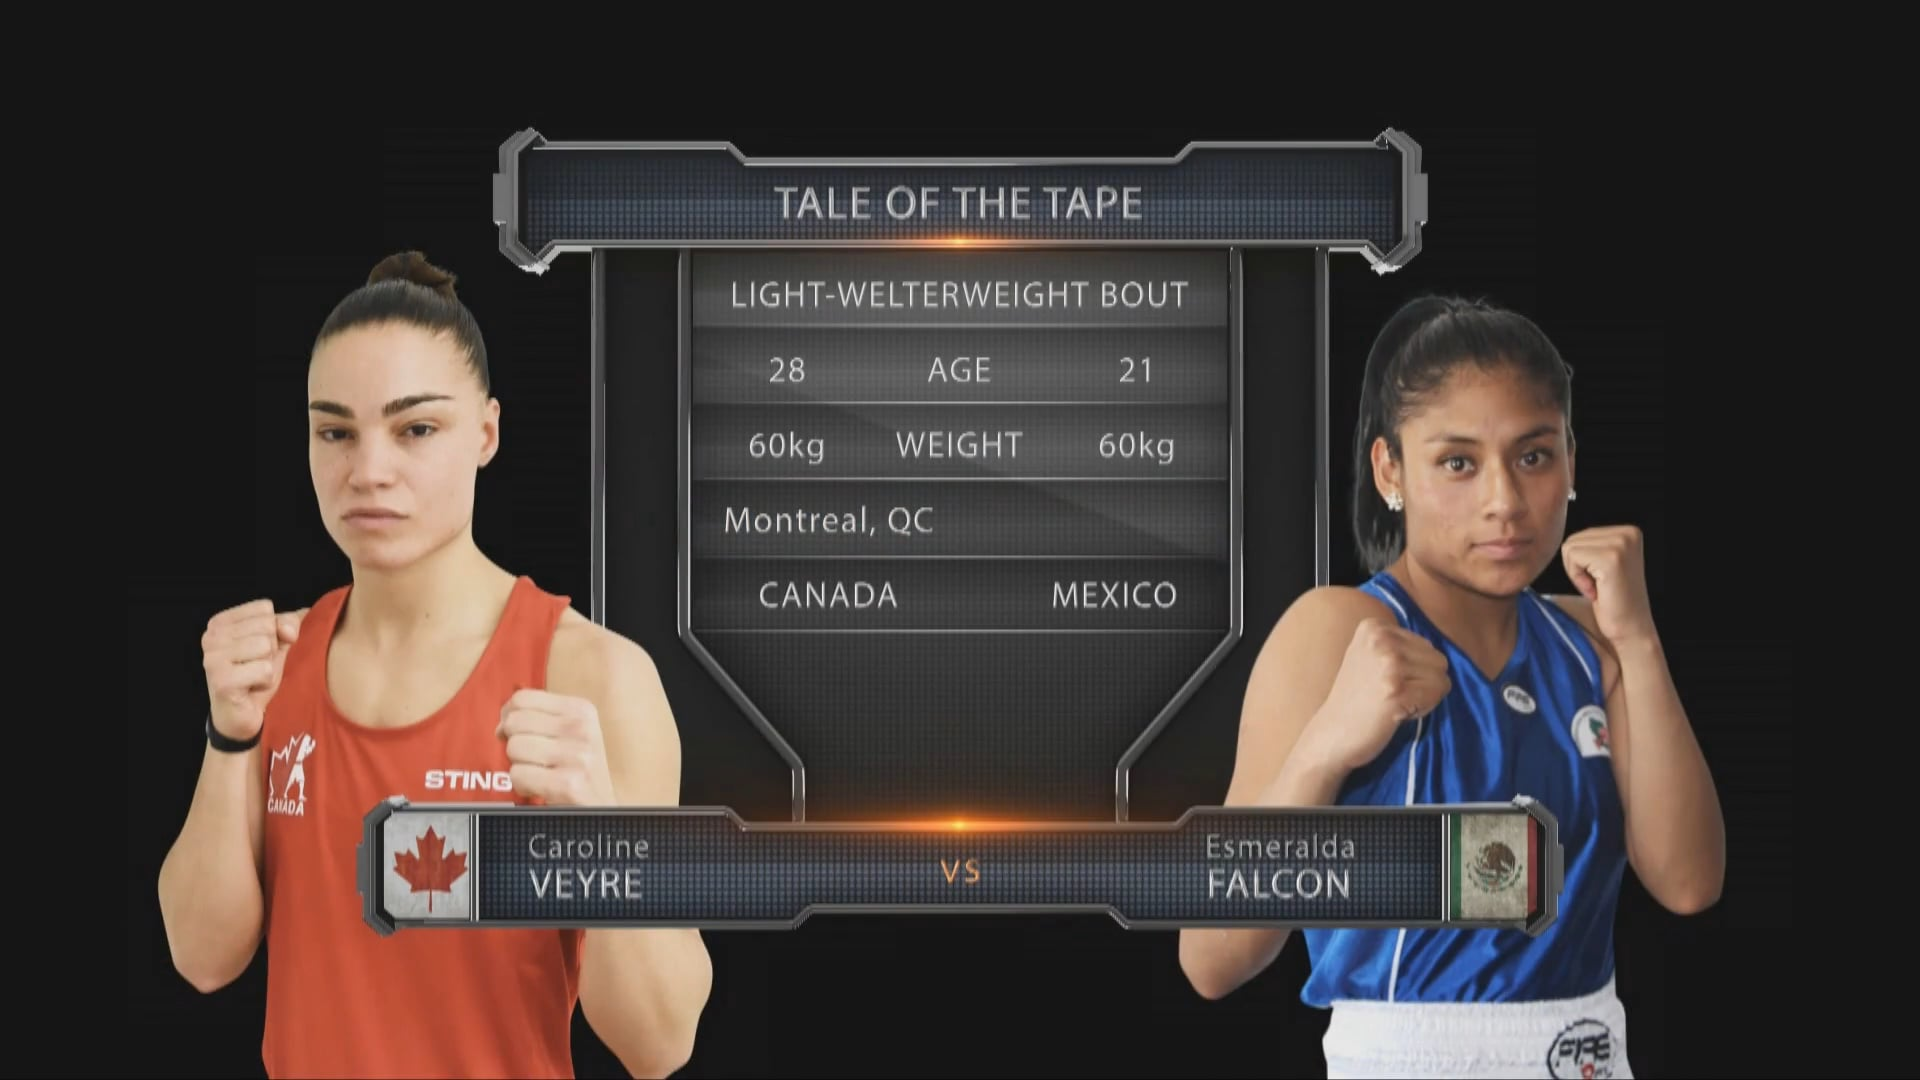 Caroline Veyre (CAN) vs Esmeralda Falcon (MEX)